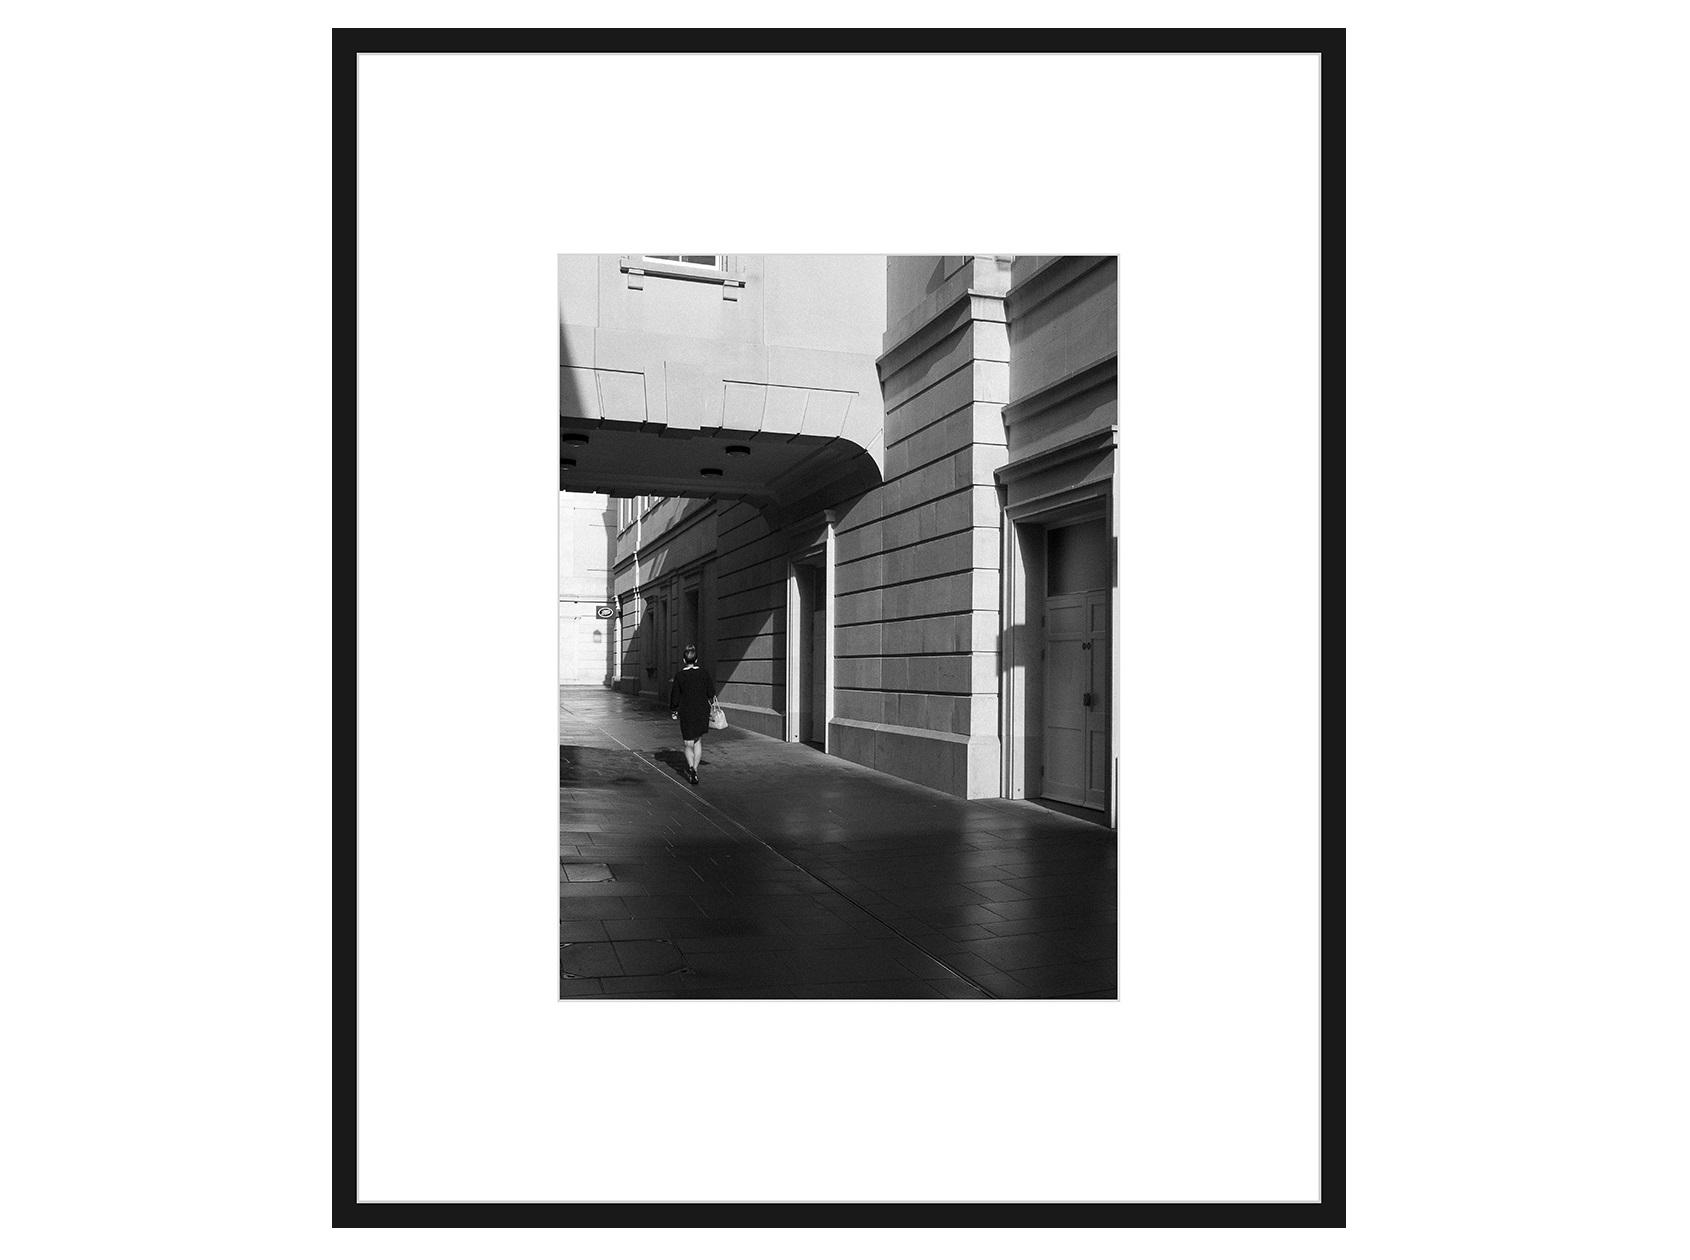 Постер George Rouchin Photography 15437205 от thefurnish